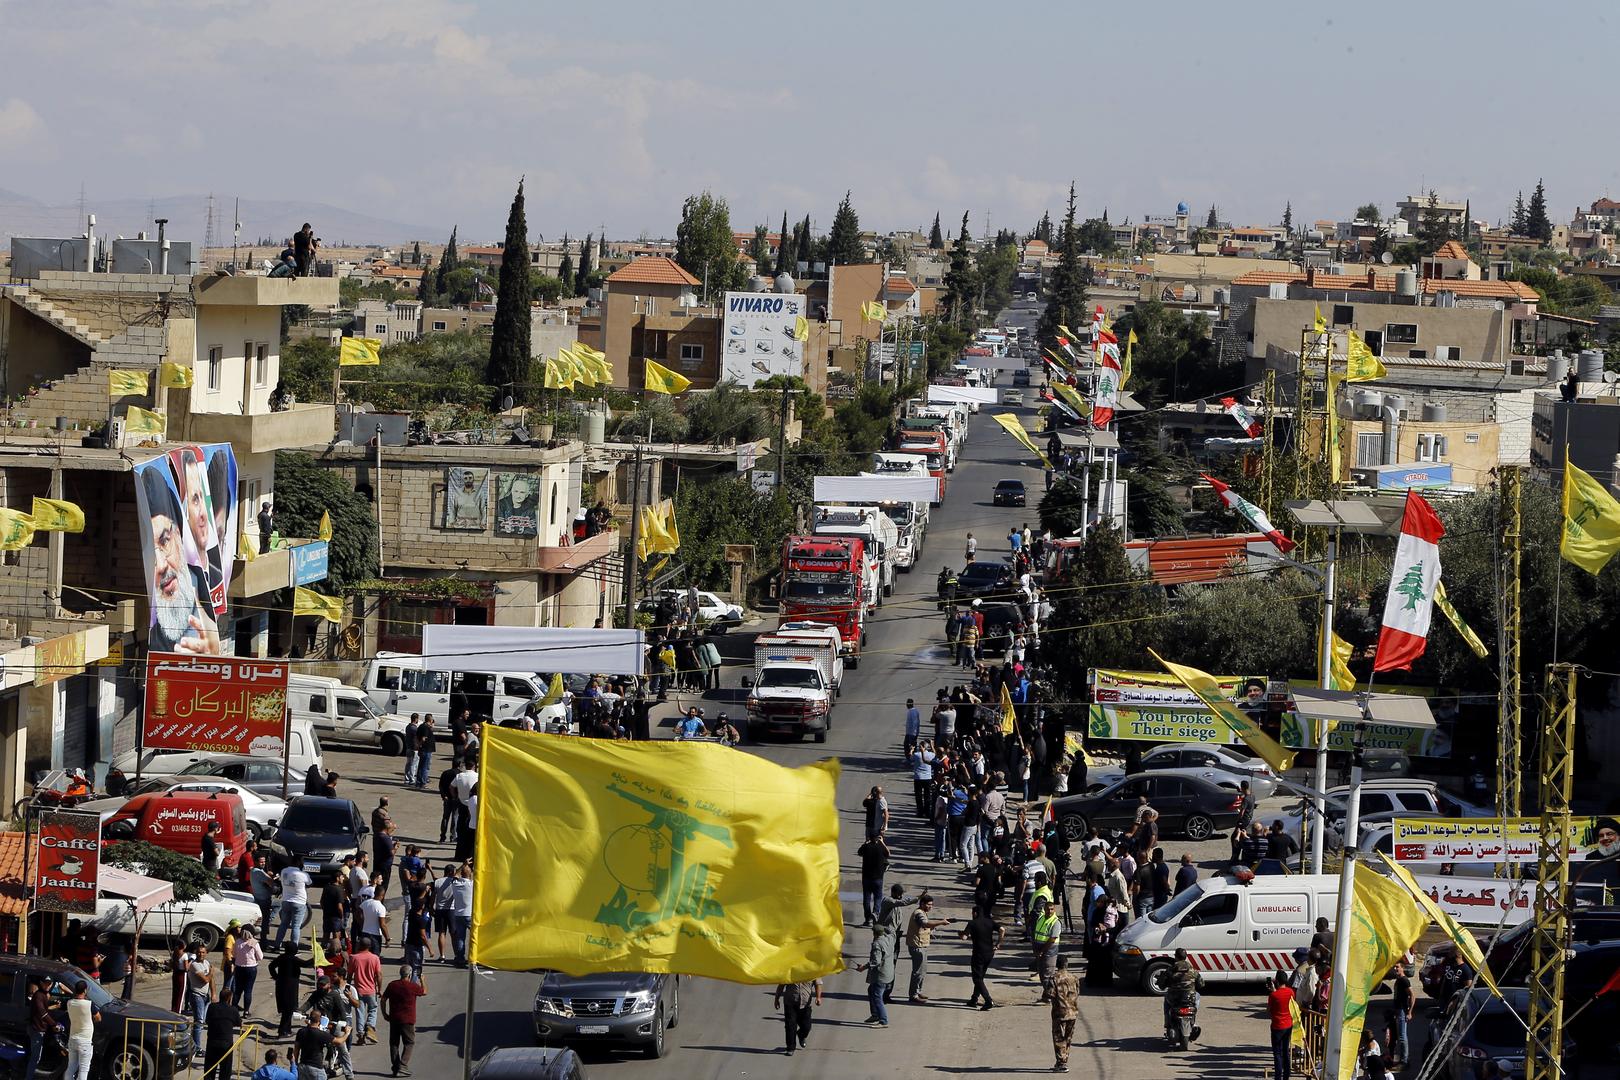 مسؤول عسكري إسرائيلي: لن نتدخل في شحنات النفط التي يديرها حزب الله من إيران إلى لبنان